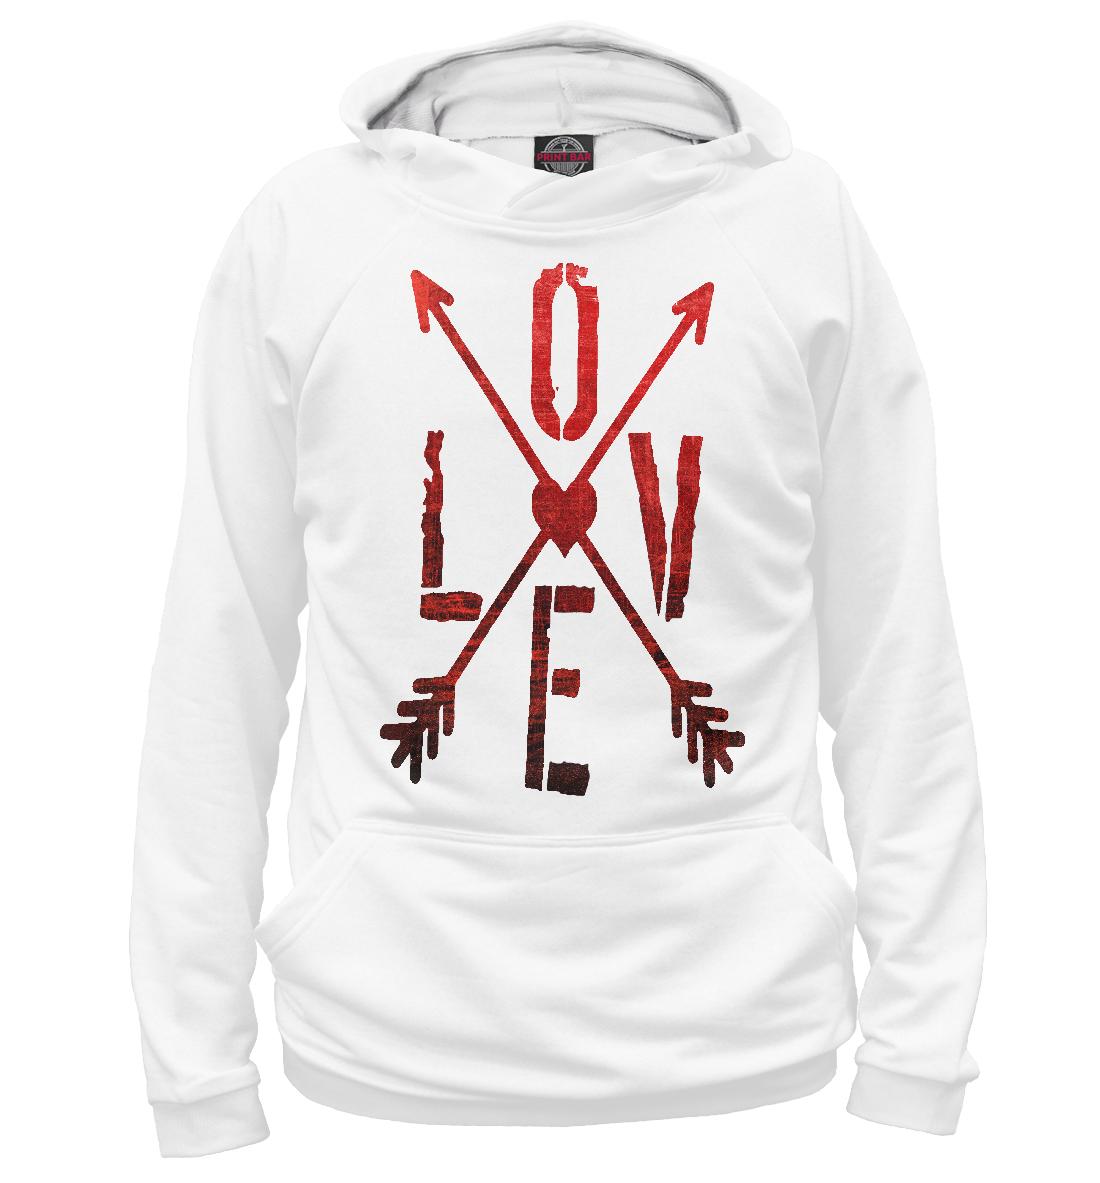 Купить Love и стрелы, Printbar, Худи, 14F-324288-hud-2